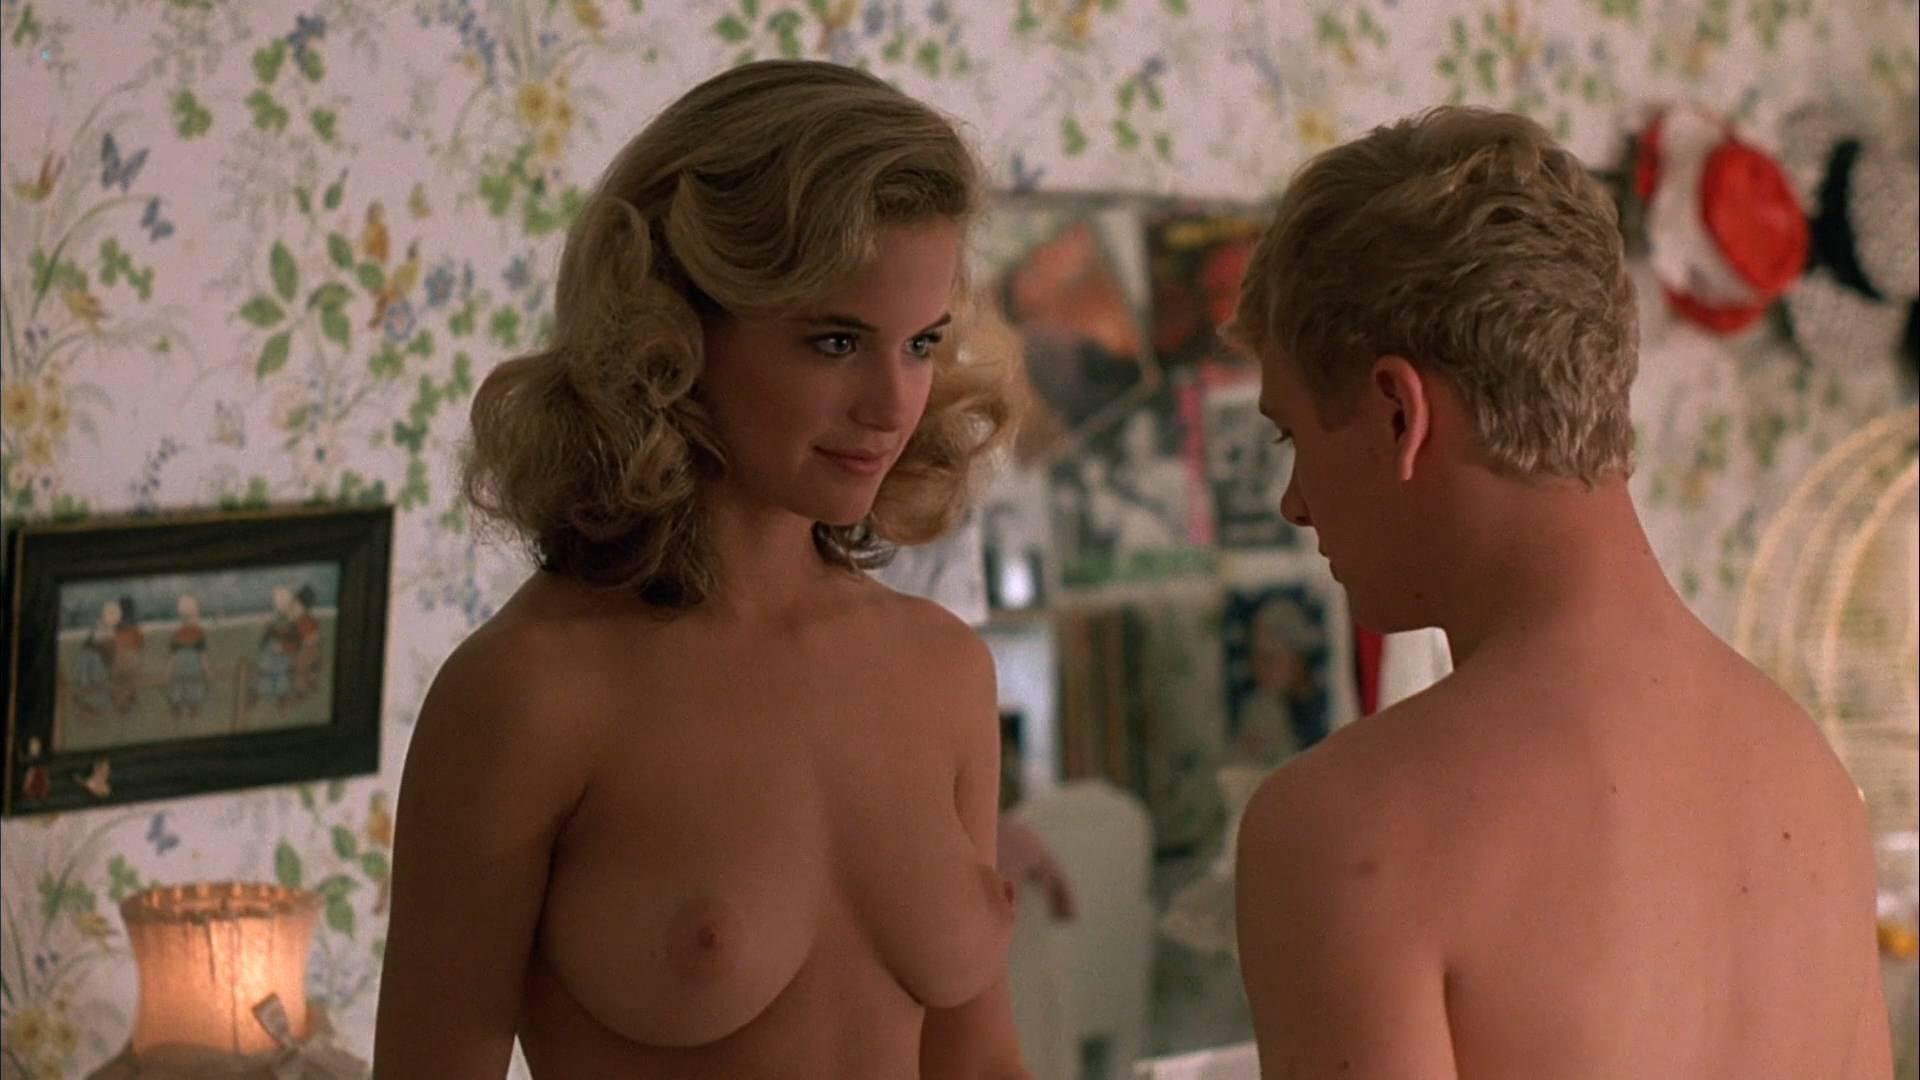 Cynthia preston sex scene